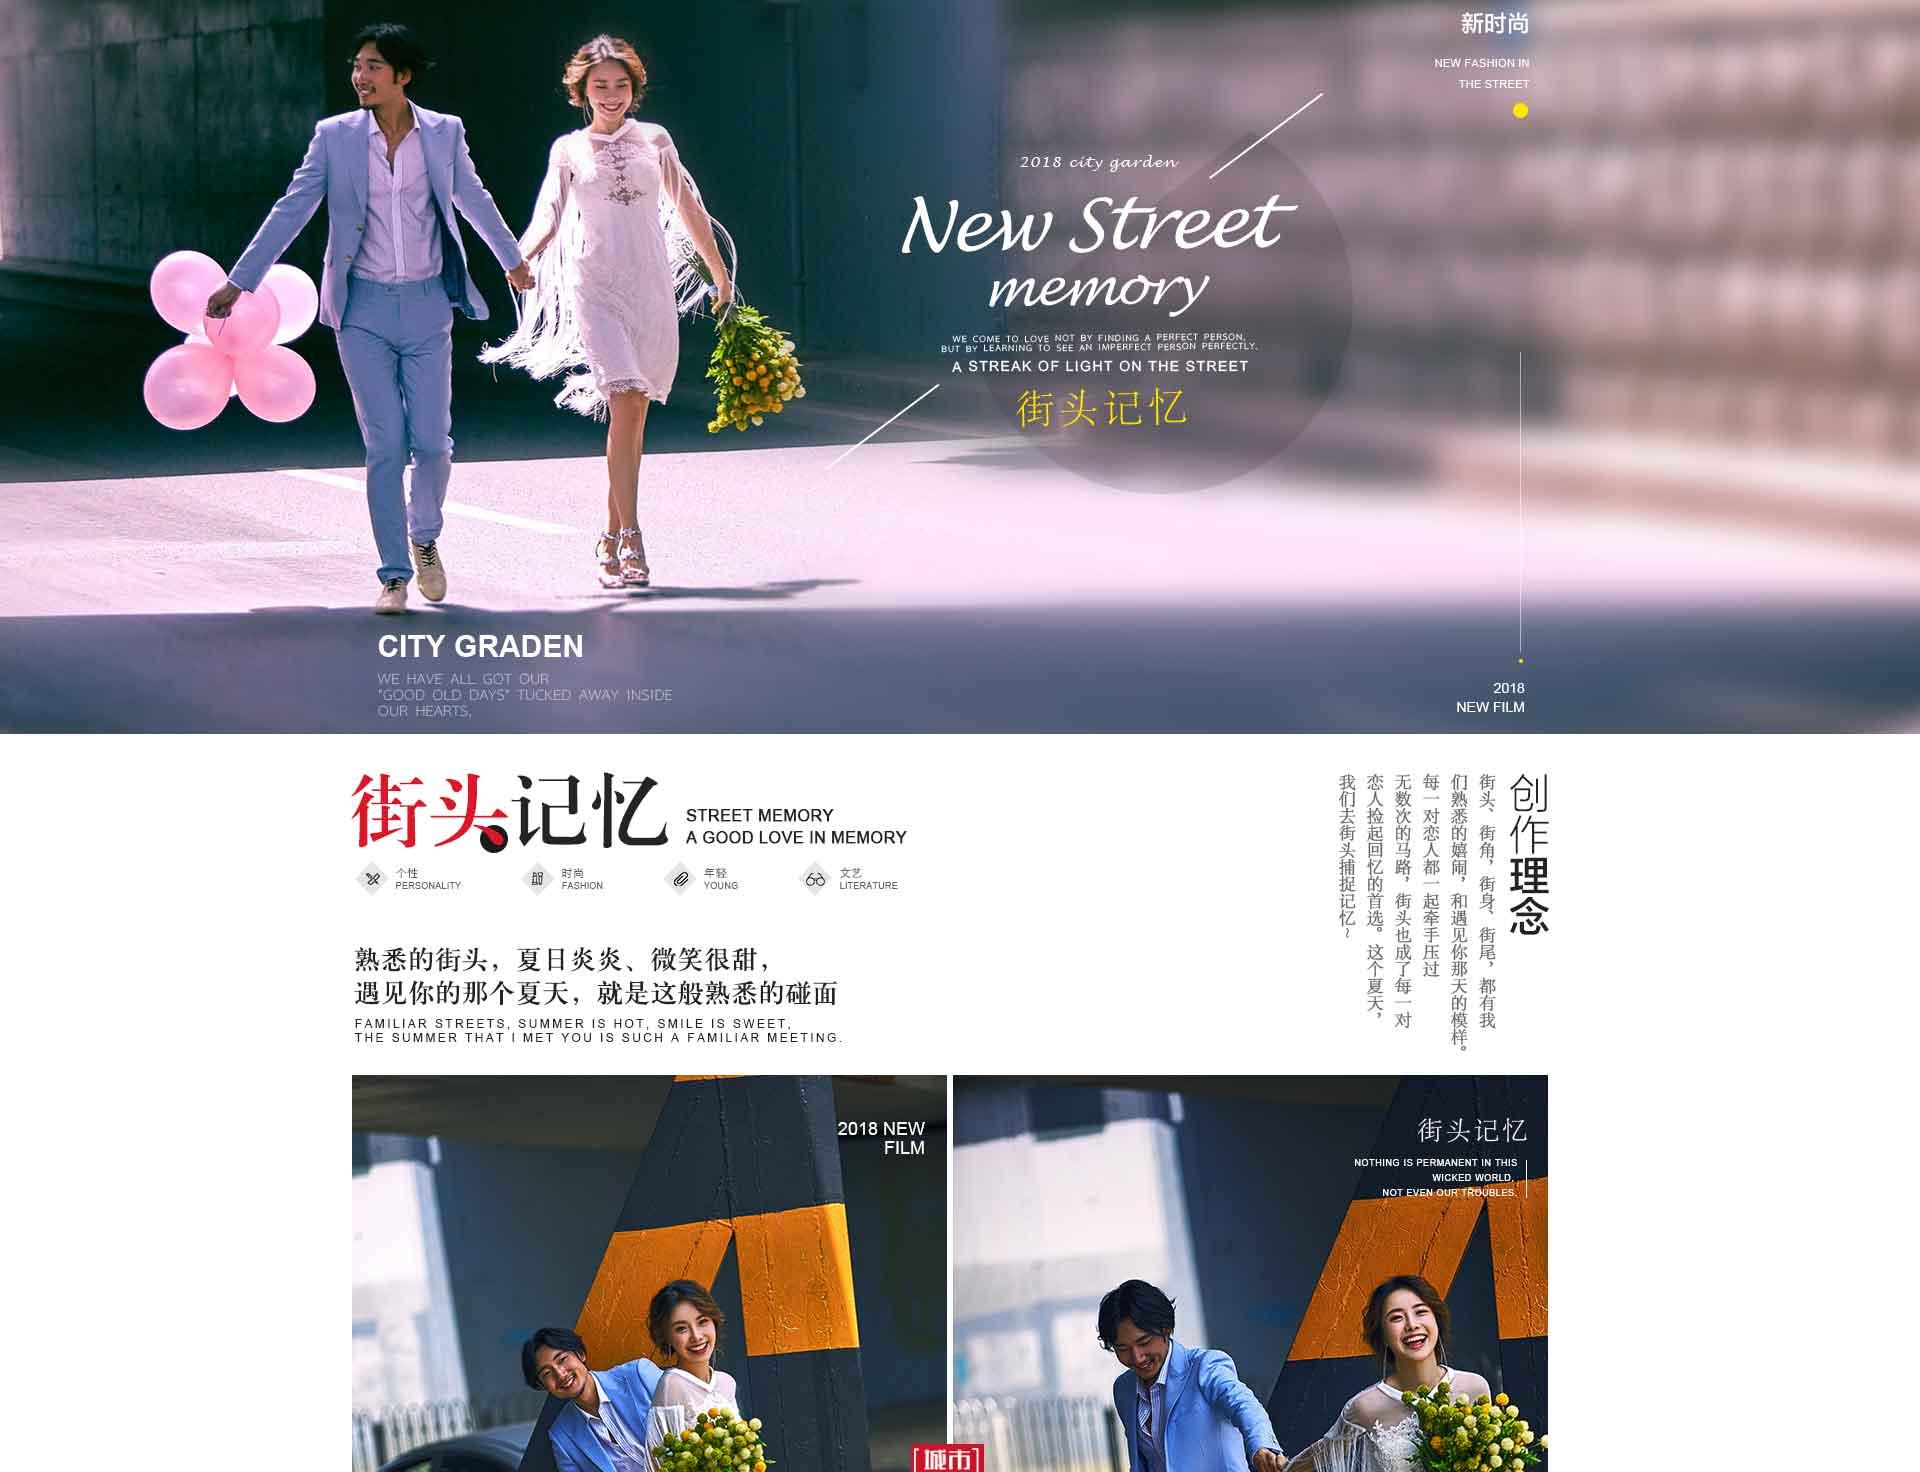 北京爱情长图-预览_02.jpg